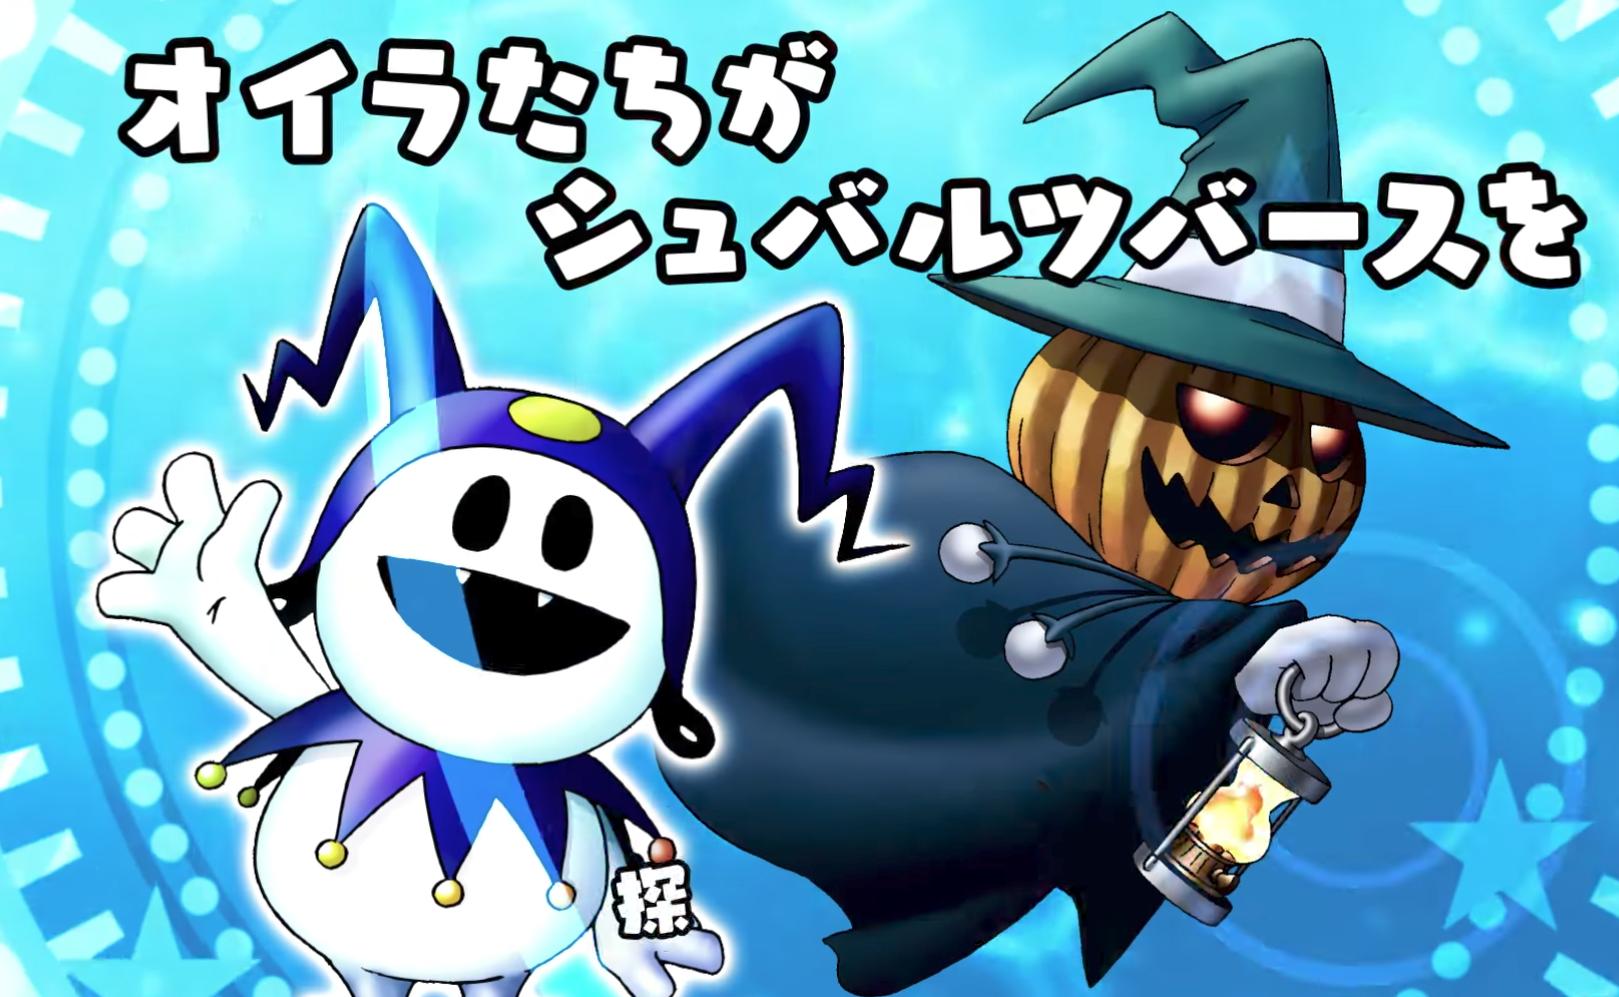 Shin Megami Tensei cover